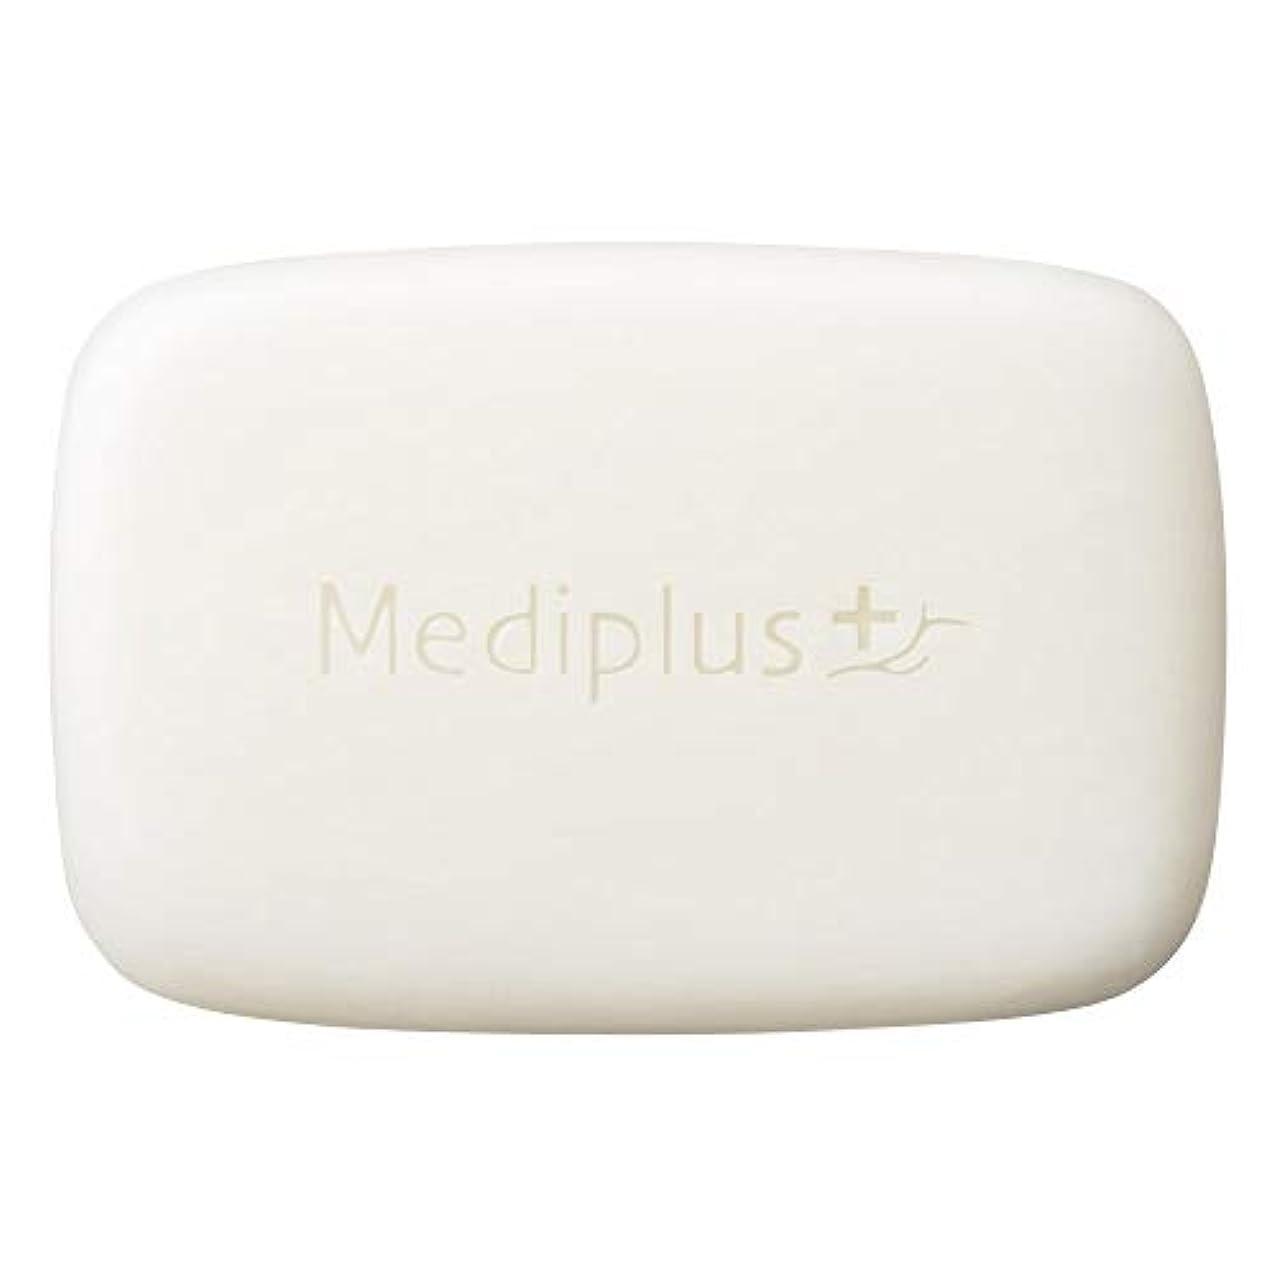 不利行方不明アマチュアmediplus メディプラス オイルクリームソープ 60g(約2か月分)